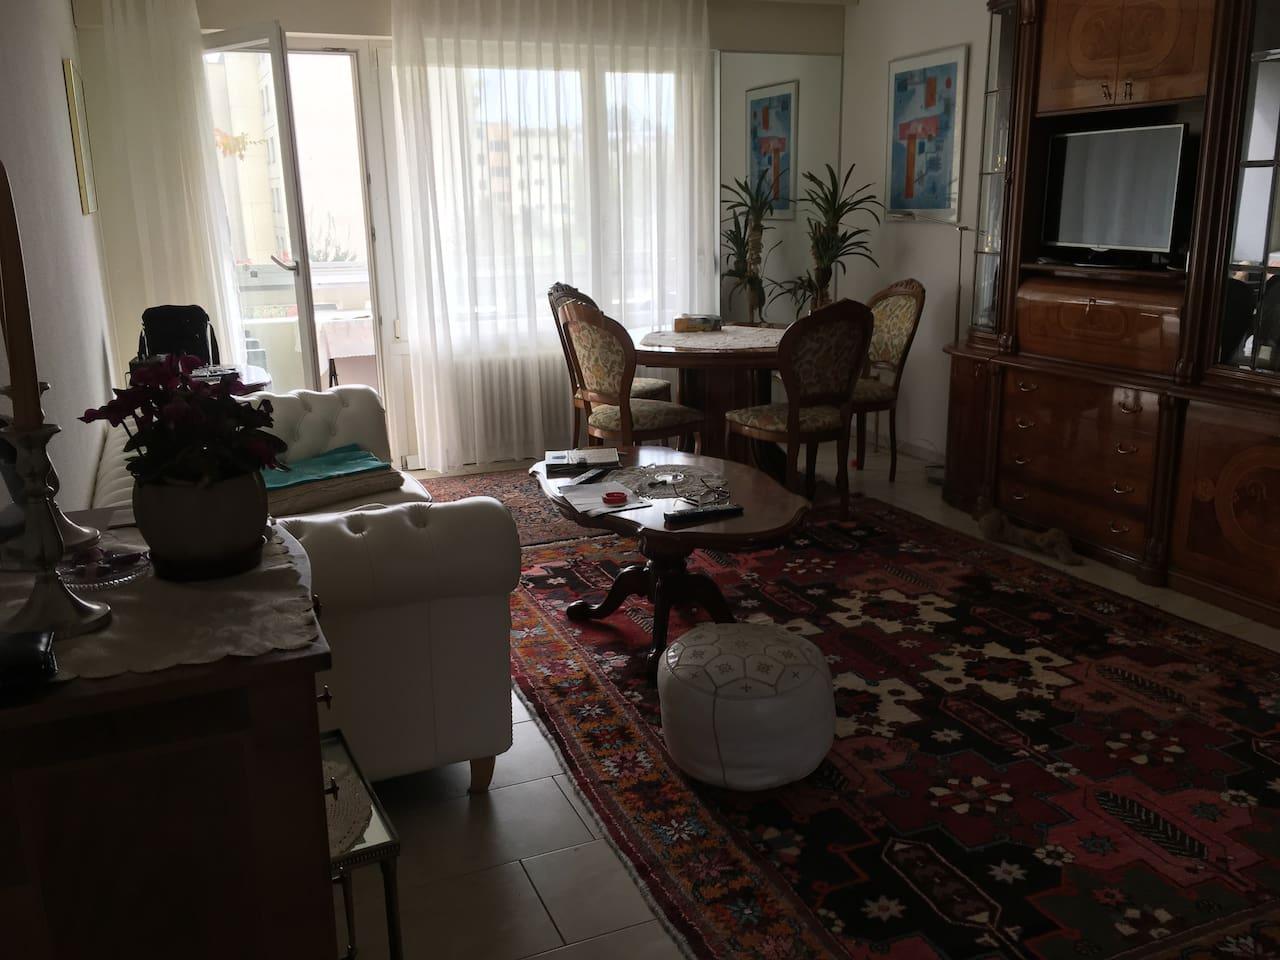 Sehr elegant eingerichtetes Wohnzimmer